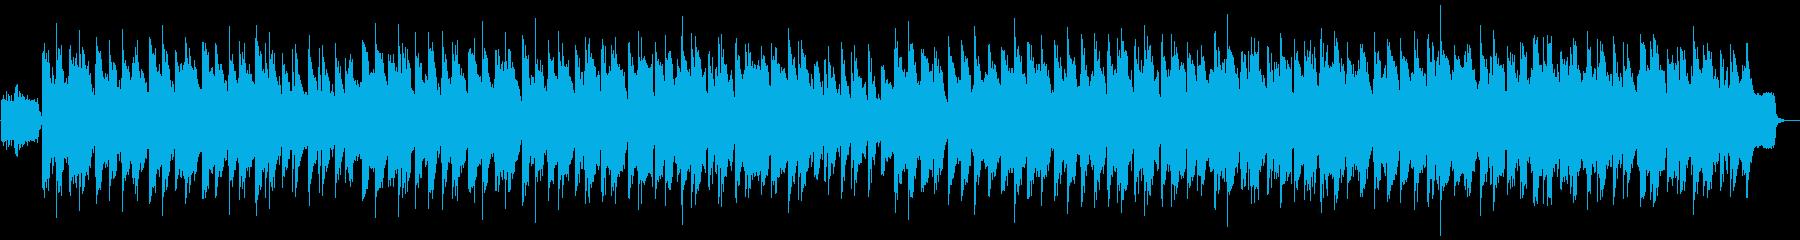 和風 ゆったり穏やかな篠笛生演奏の再生済みの波形